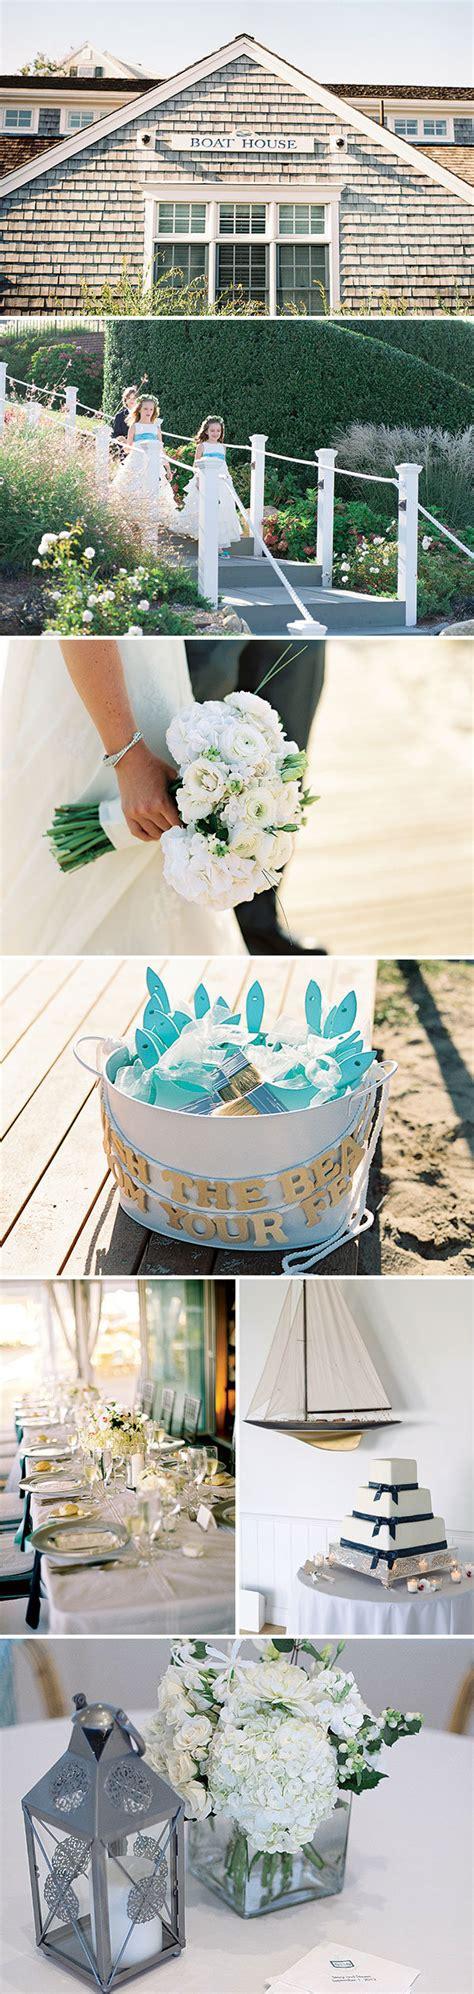 wedding ideas for every season page 3 bridalguide